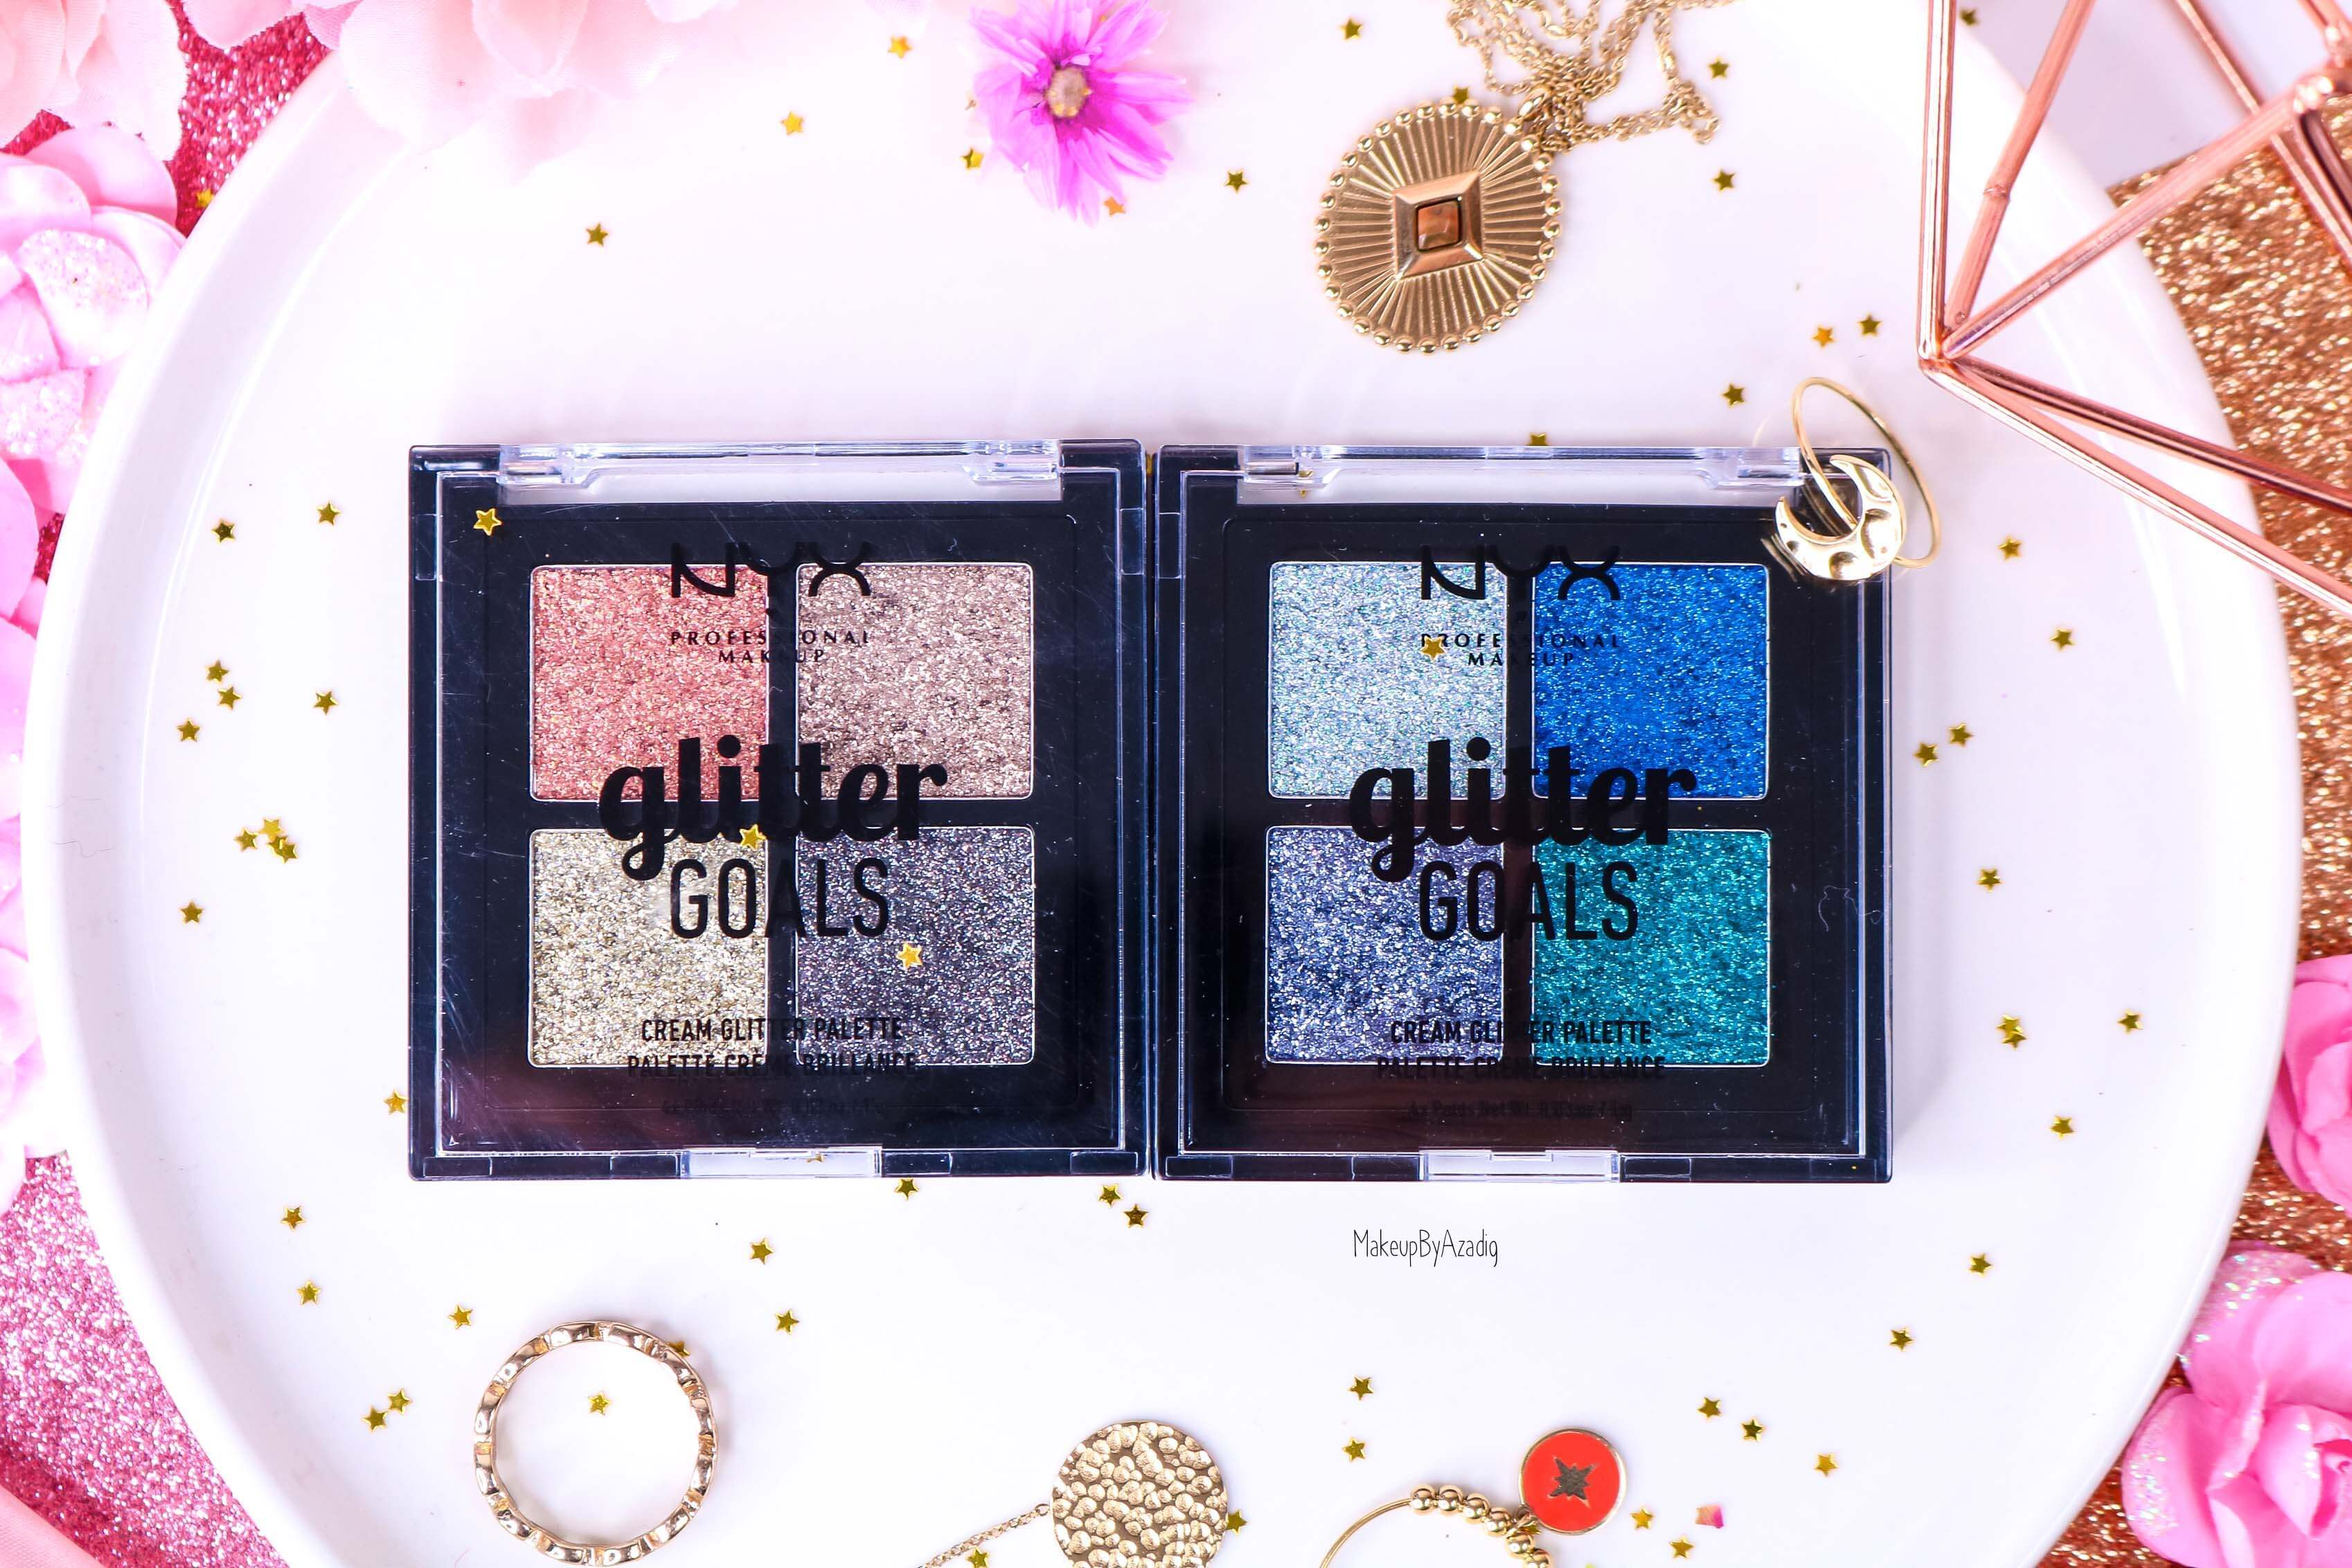 revue-palette-glitter-goals-nyx-professional-makeup-festival-coachella-avis-prix-paillette-makeupbyazadig-galactica-glacier-zoom